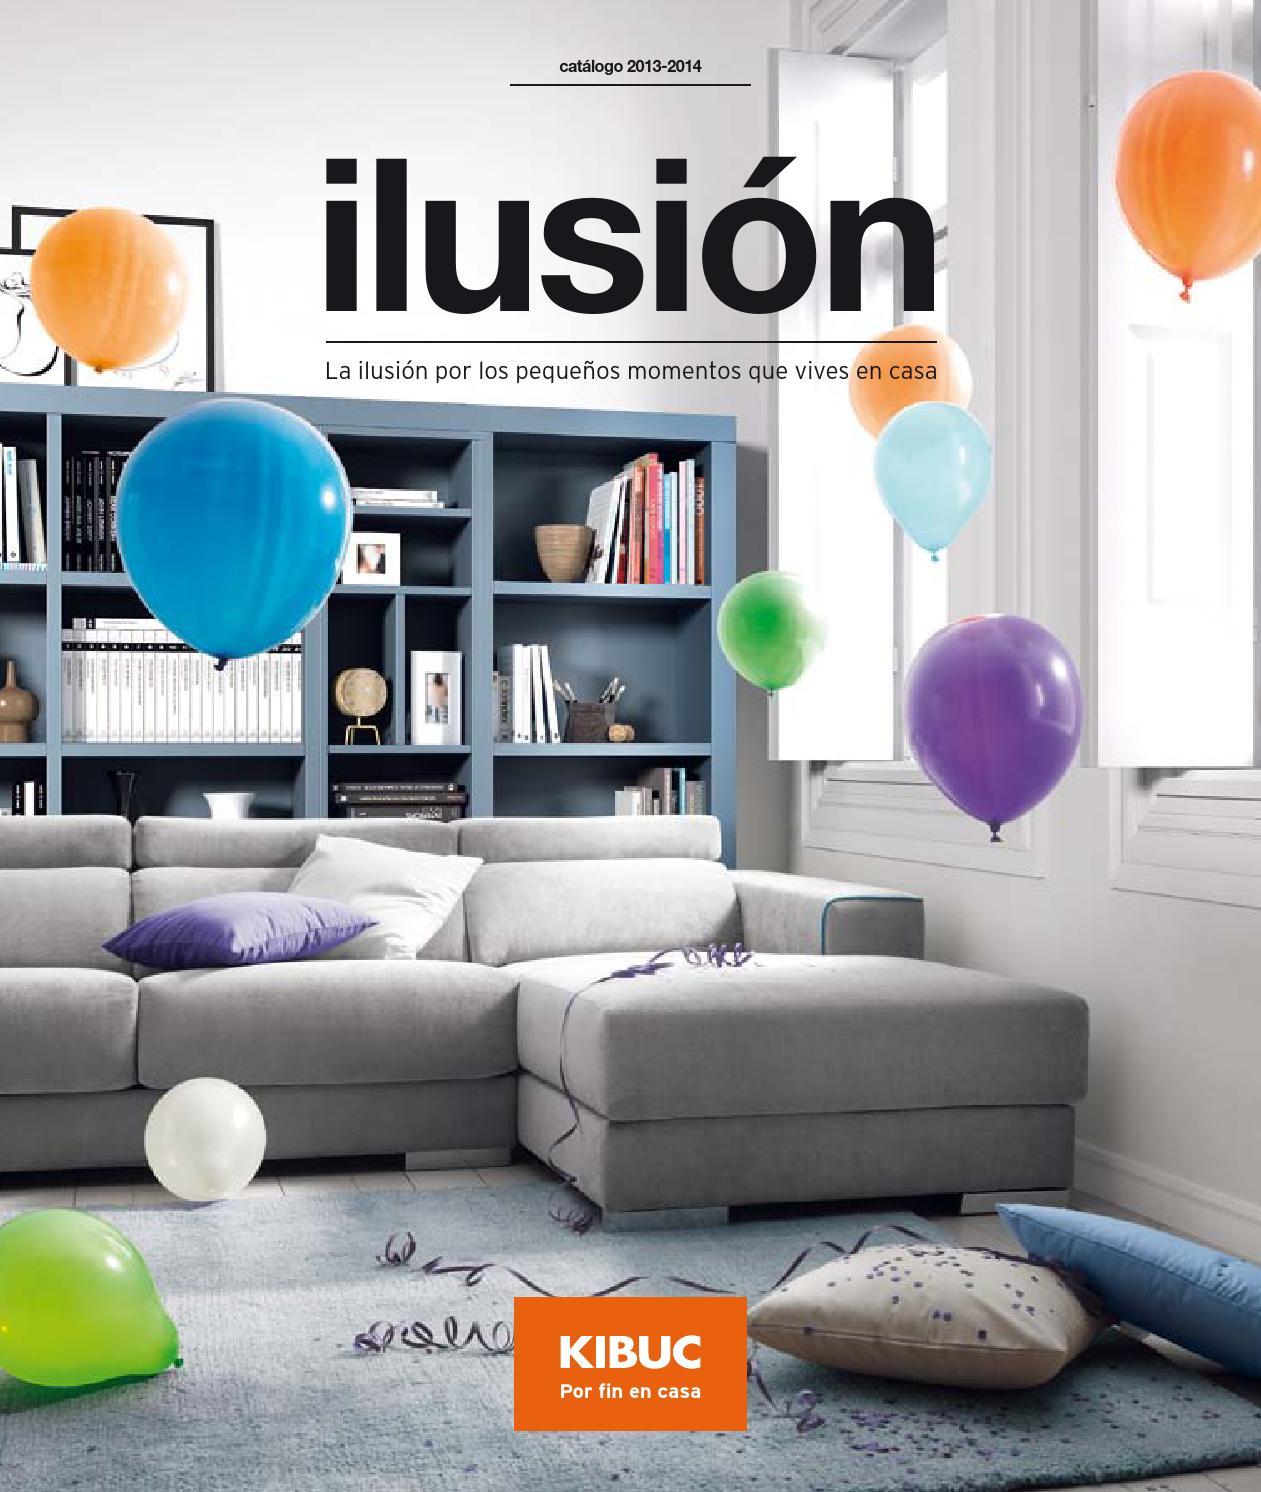 Muebles kibuc catalogo 2014 by issuu for Casa de muebles kibuc